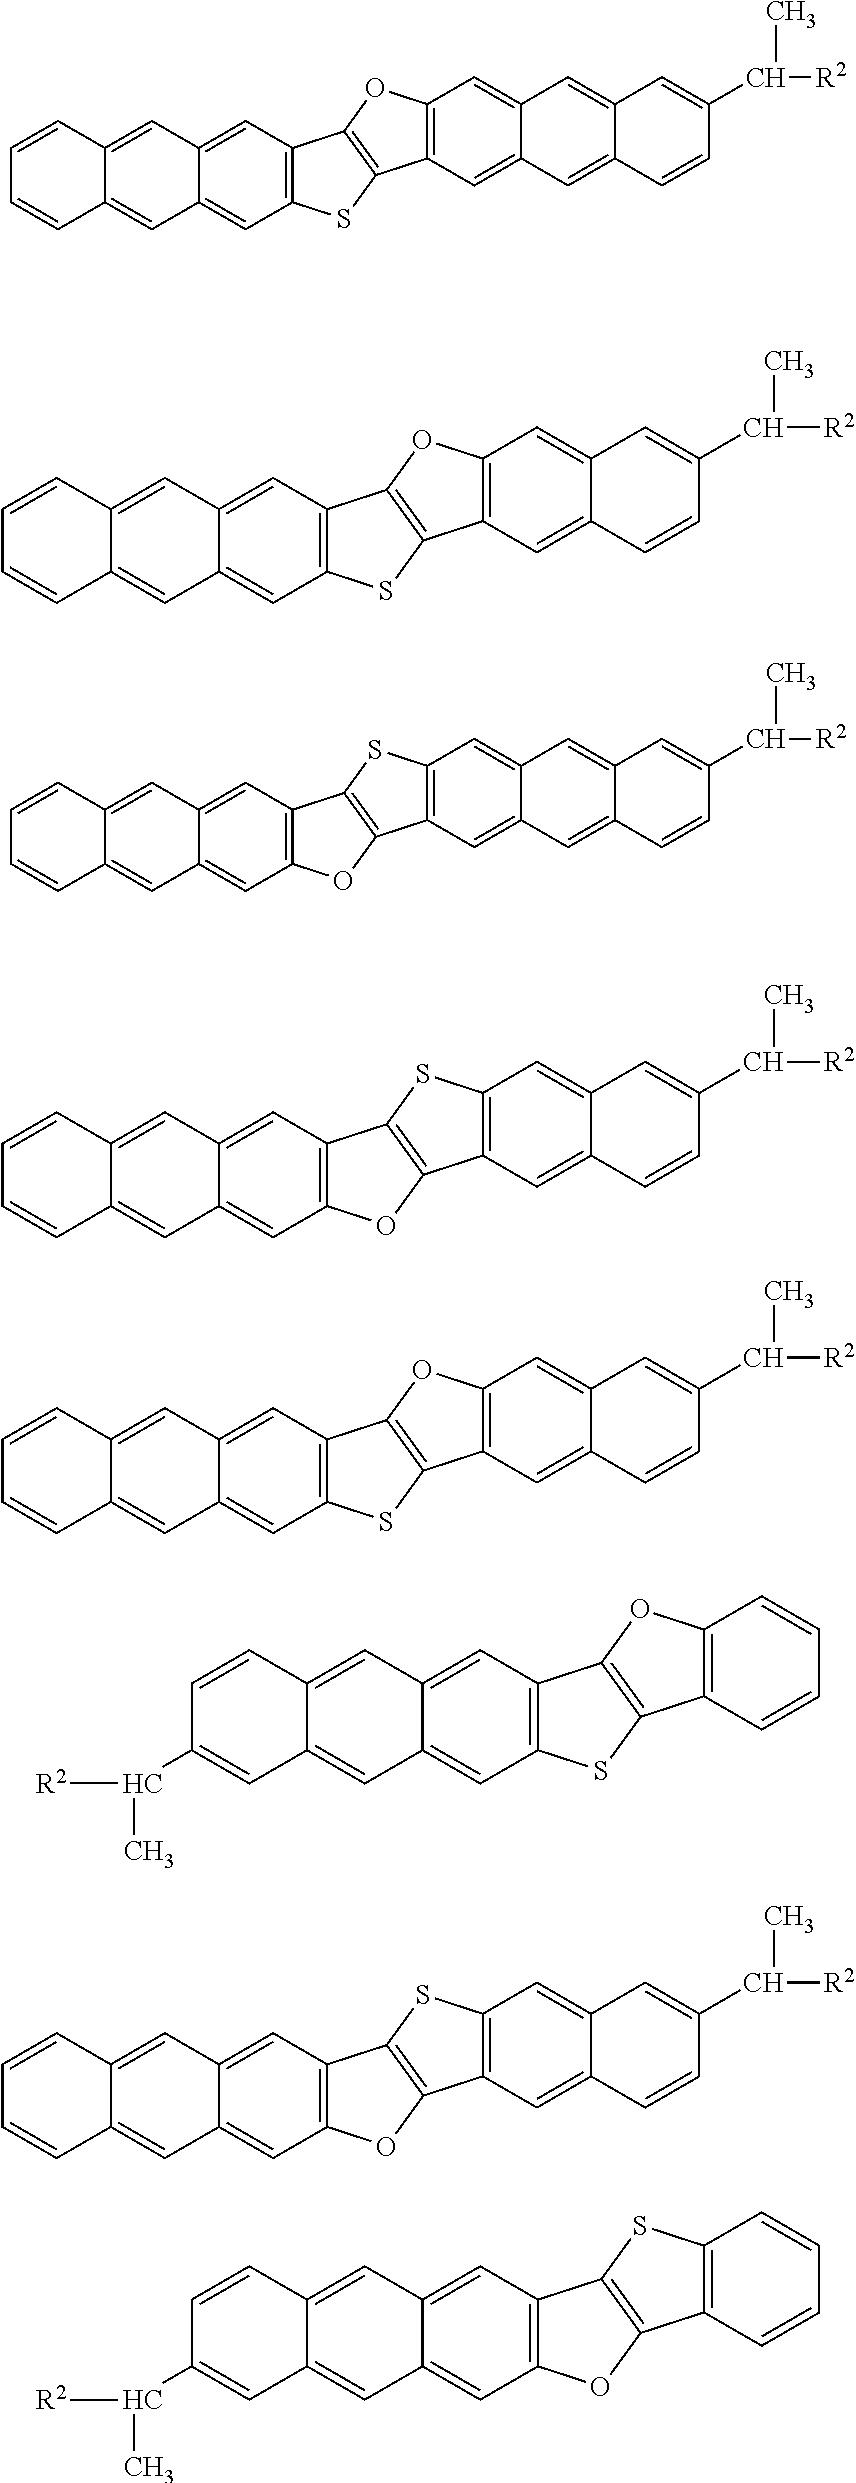 Figure US09911927-20180306-C00012